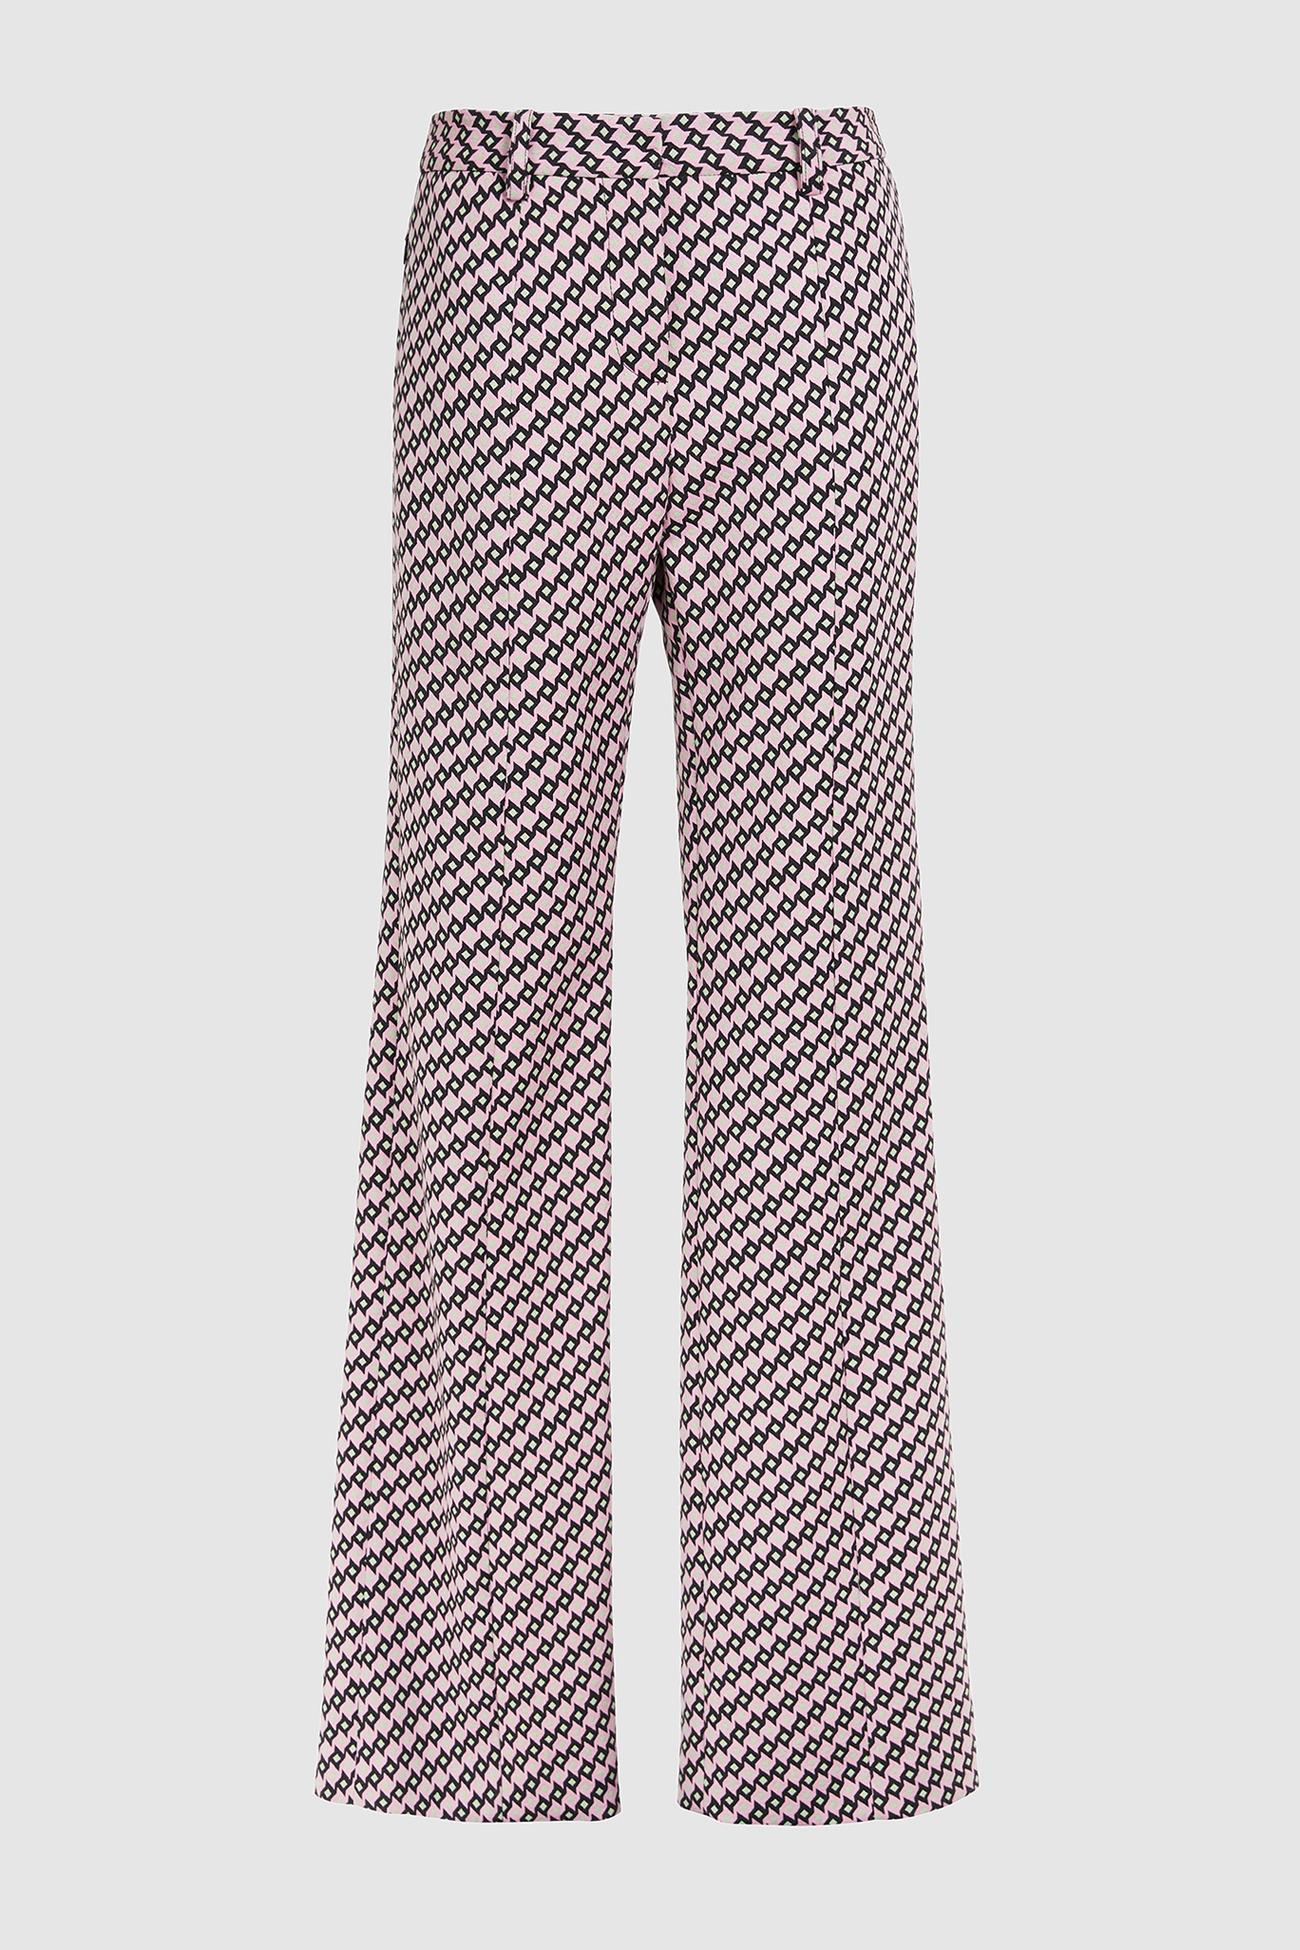 Pantalón con estampado geométrico, de Bimba y Lola (112 euros).